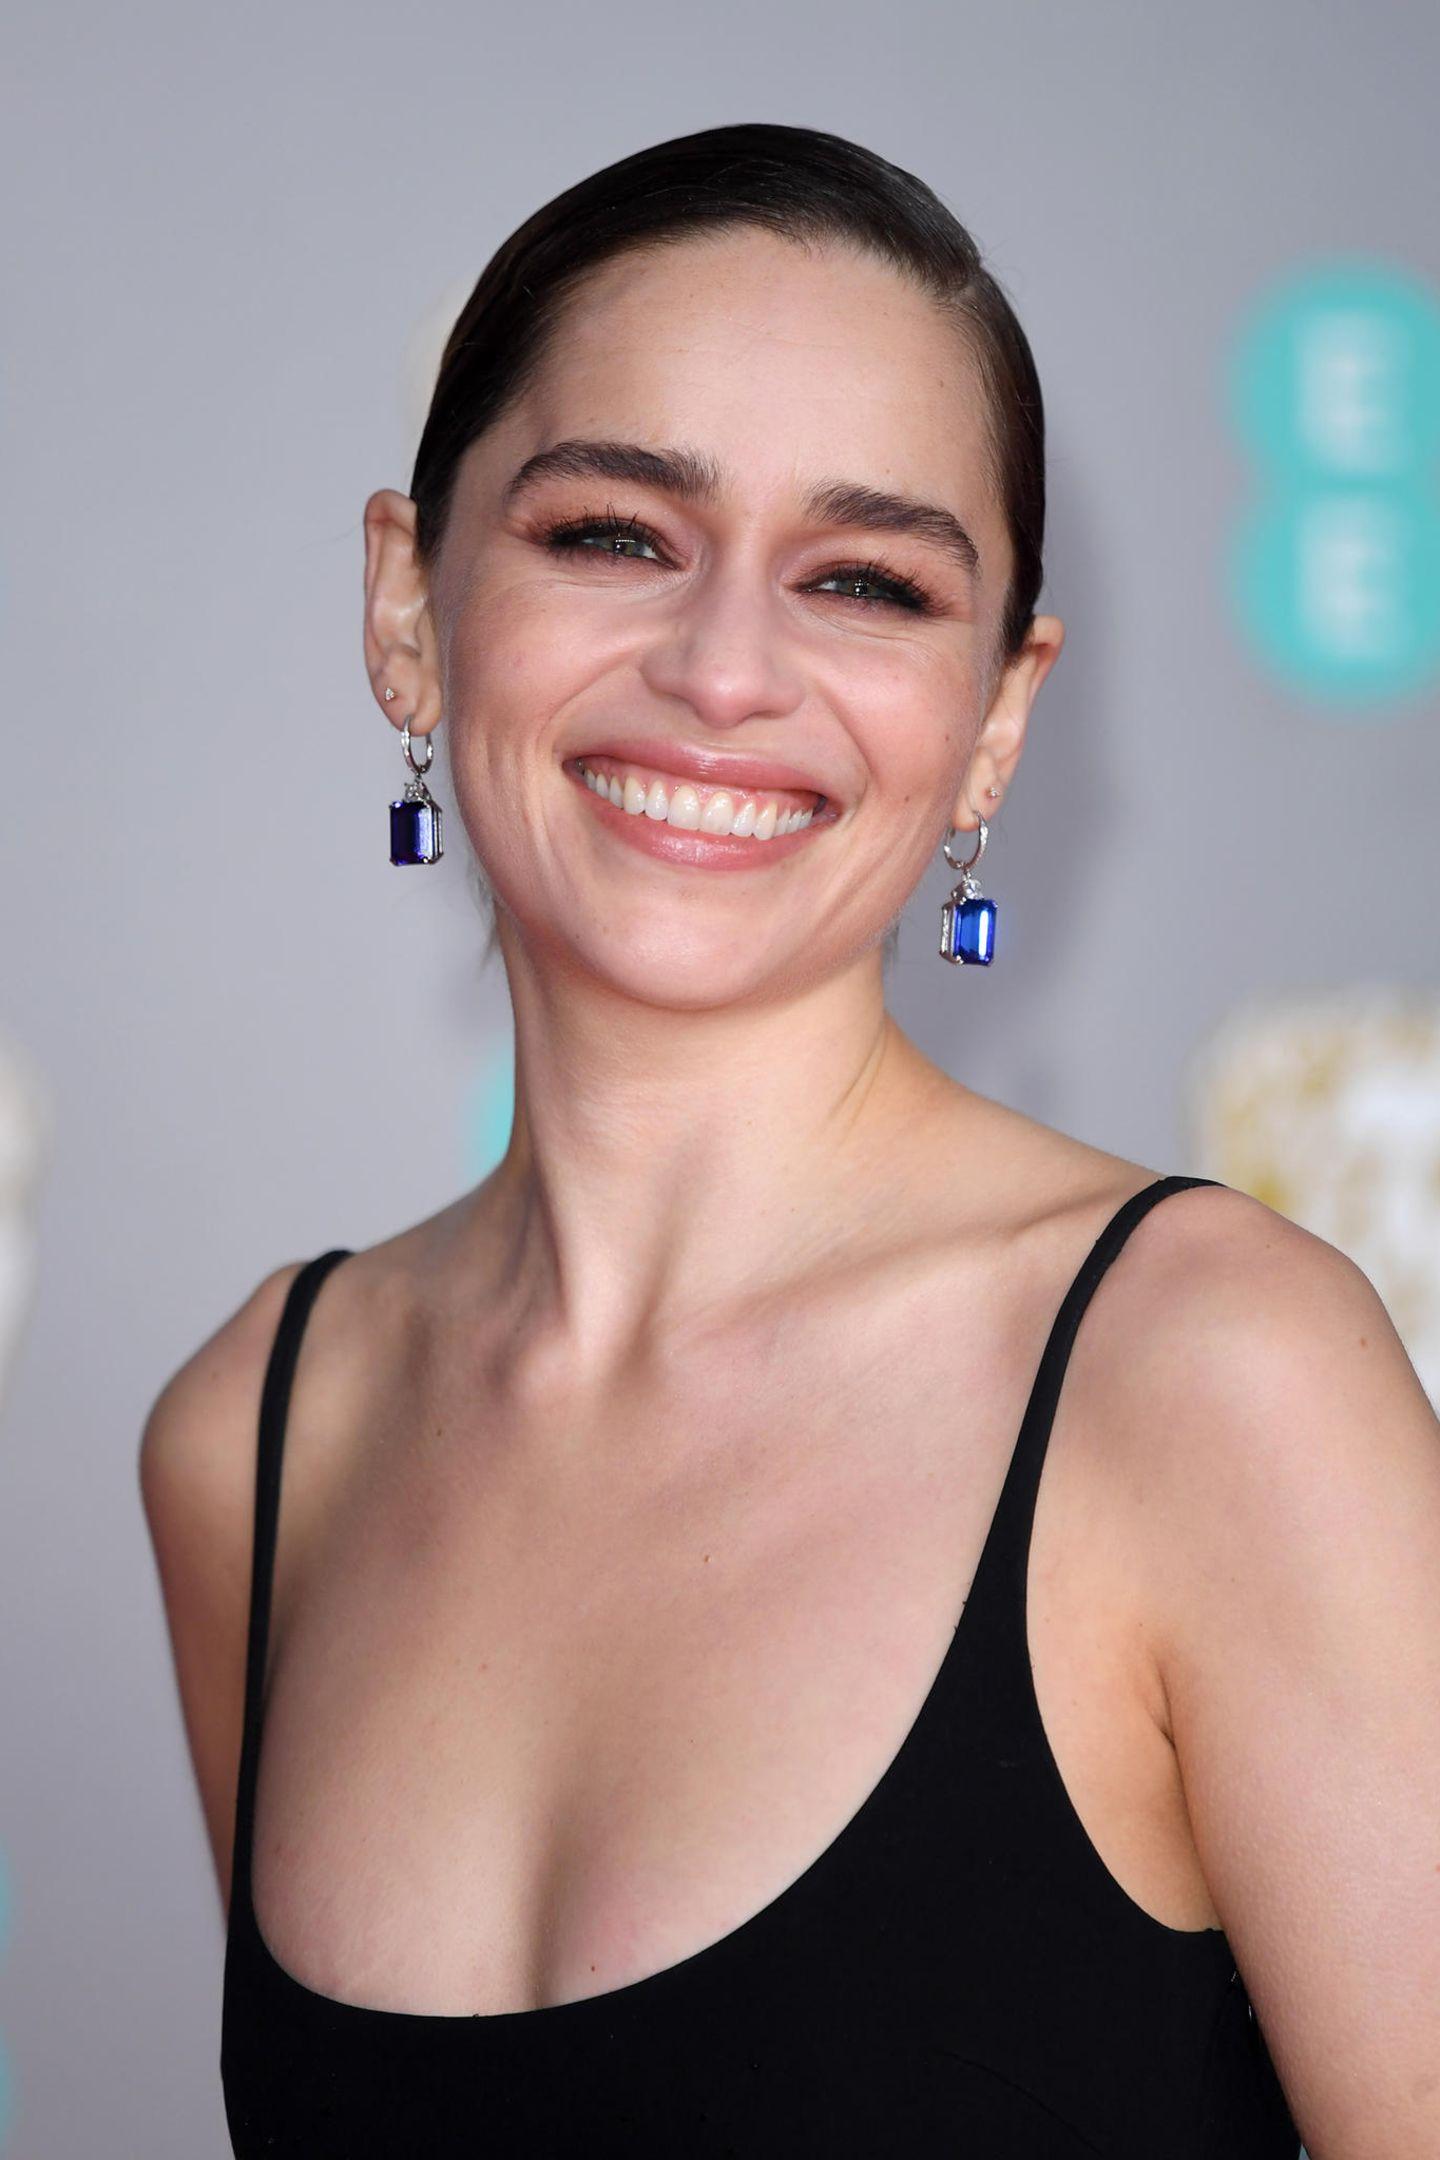 """Die """"Game of Thrones""""-Darstellerin Emilia Clarke sprichtmit der britischen """"Elle"""" über ihre Einstellung zum Altern in Hollywood. Für die Schauspielerin kämenBotox & Co. nicht in Frage, erklärtsie und berichtetweiter von einem einschneidenden Erlebnis:""""Ich hatte einmal eine Kosmetikerin, die mir sagte, ich bräuchte Filler und ich habe ihr die Tür gezeigt. Ich habe nur gesagt: 'Raus hier'"""", erzählte der """"Last Christmas""""-Star dem Magazin. Zu diesem Zeitpunkt sei Emilia28 Jahre alt gewesen."""